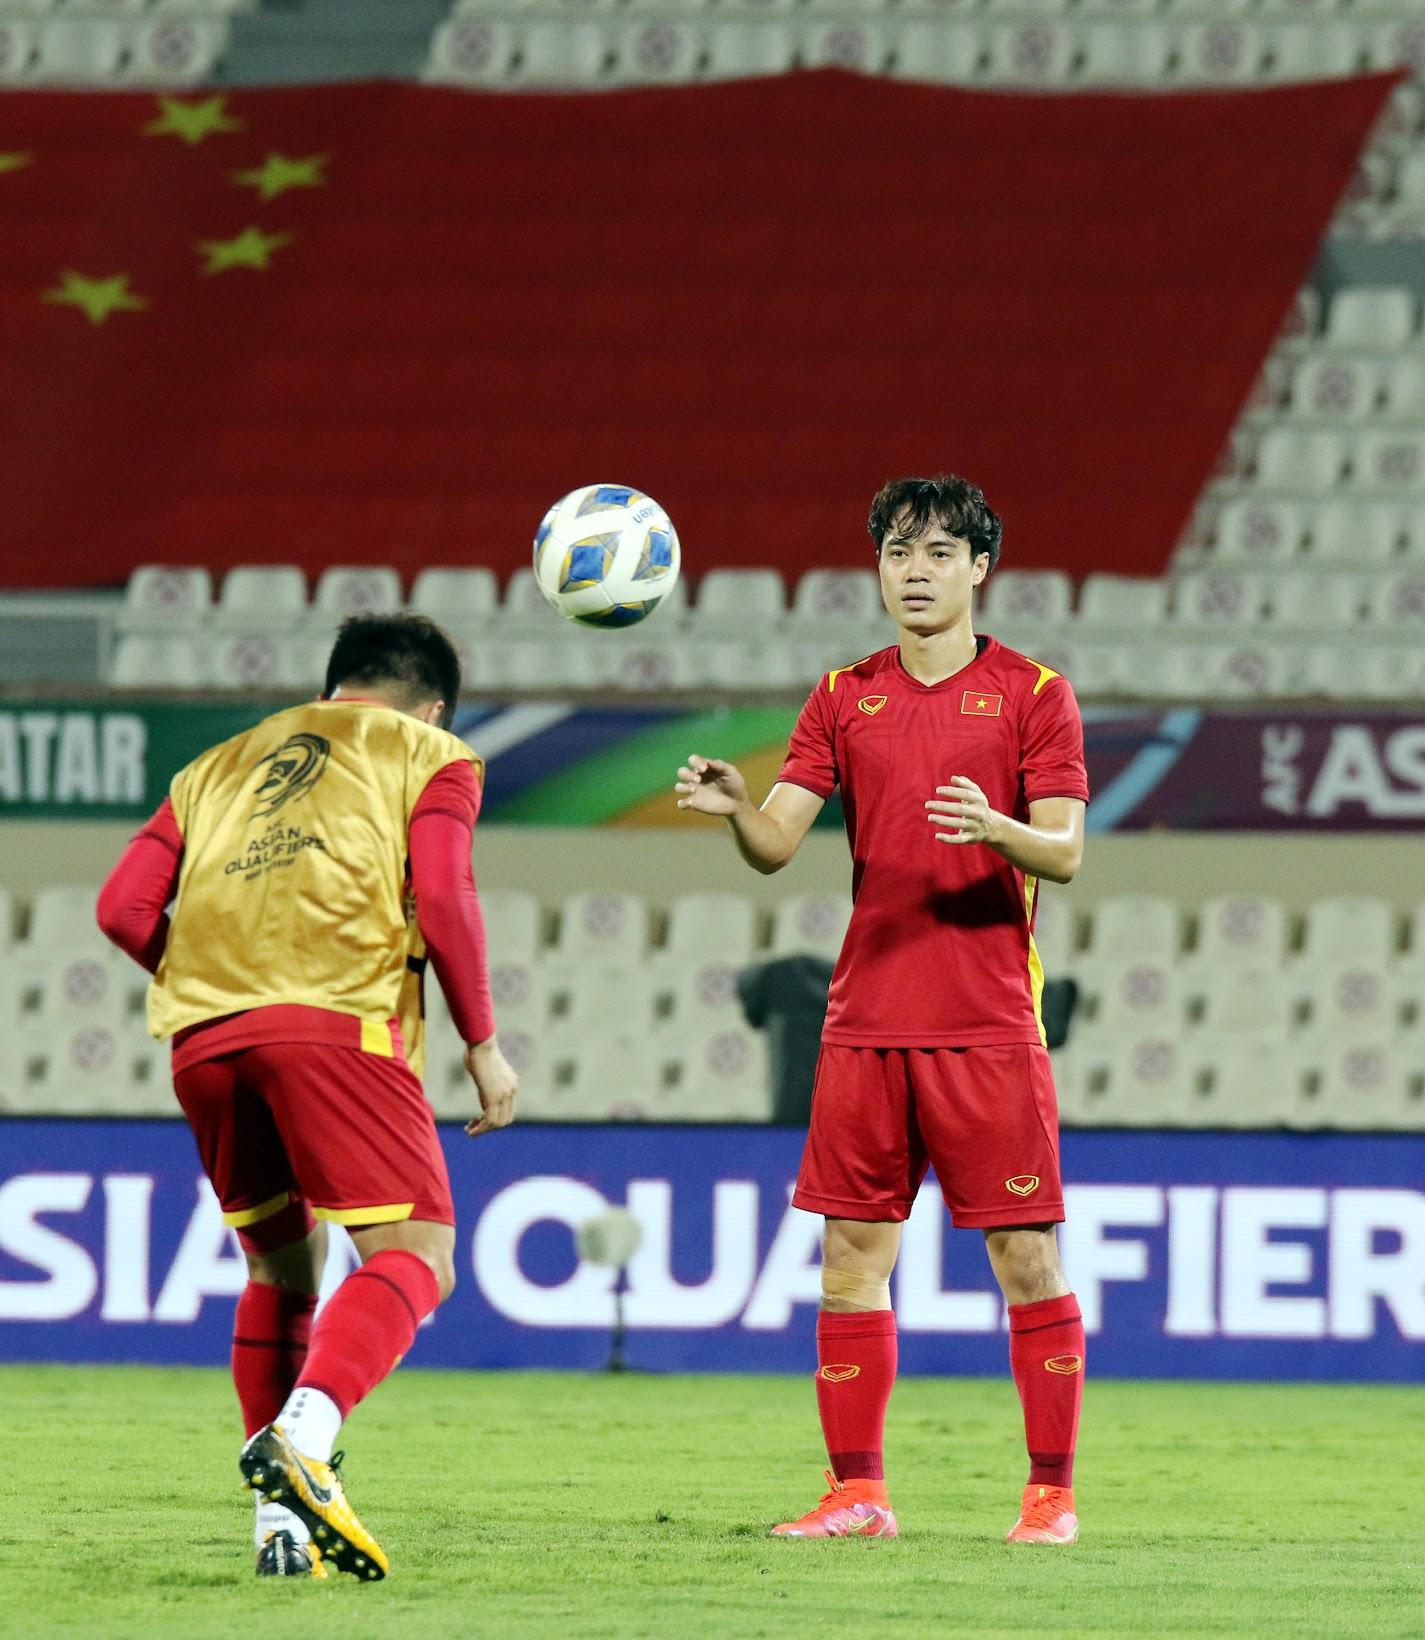 """BLV Quang Huy: """"Tuyển Việt Nam sẽ có ít nhất 1 điểm, thậm chí là 3 điểm"""" - Ảnh 1."""